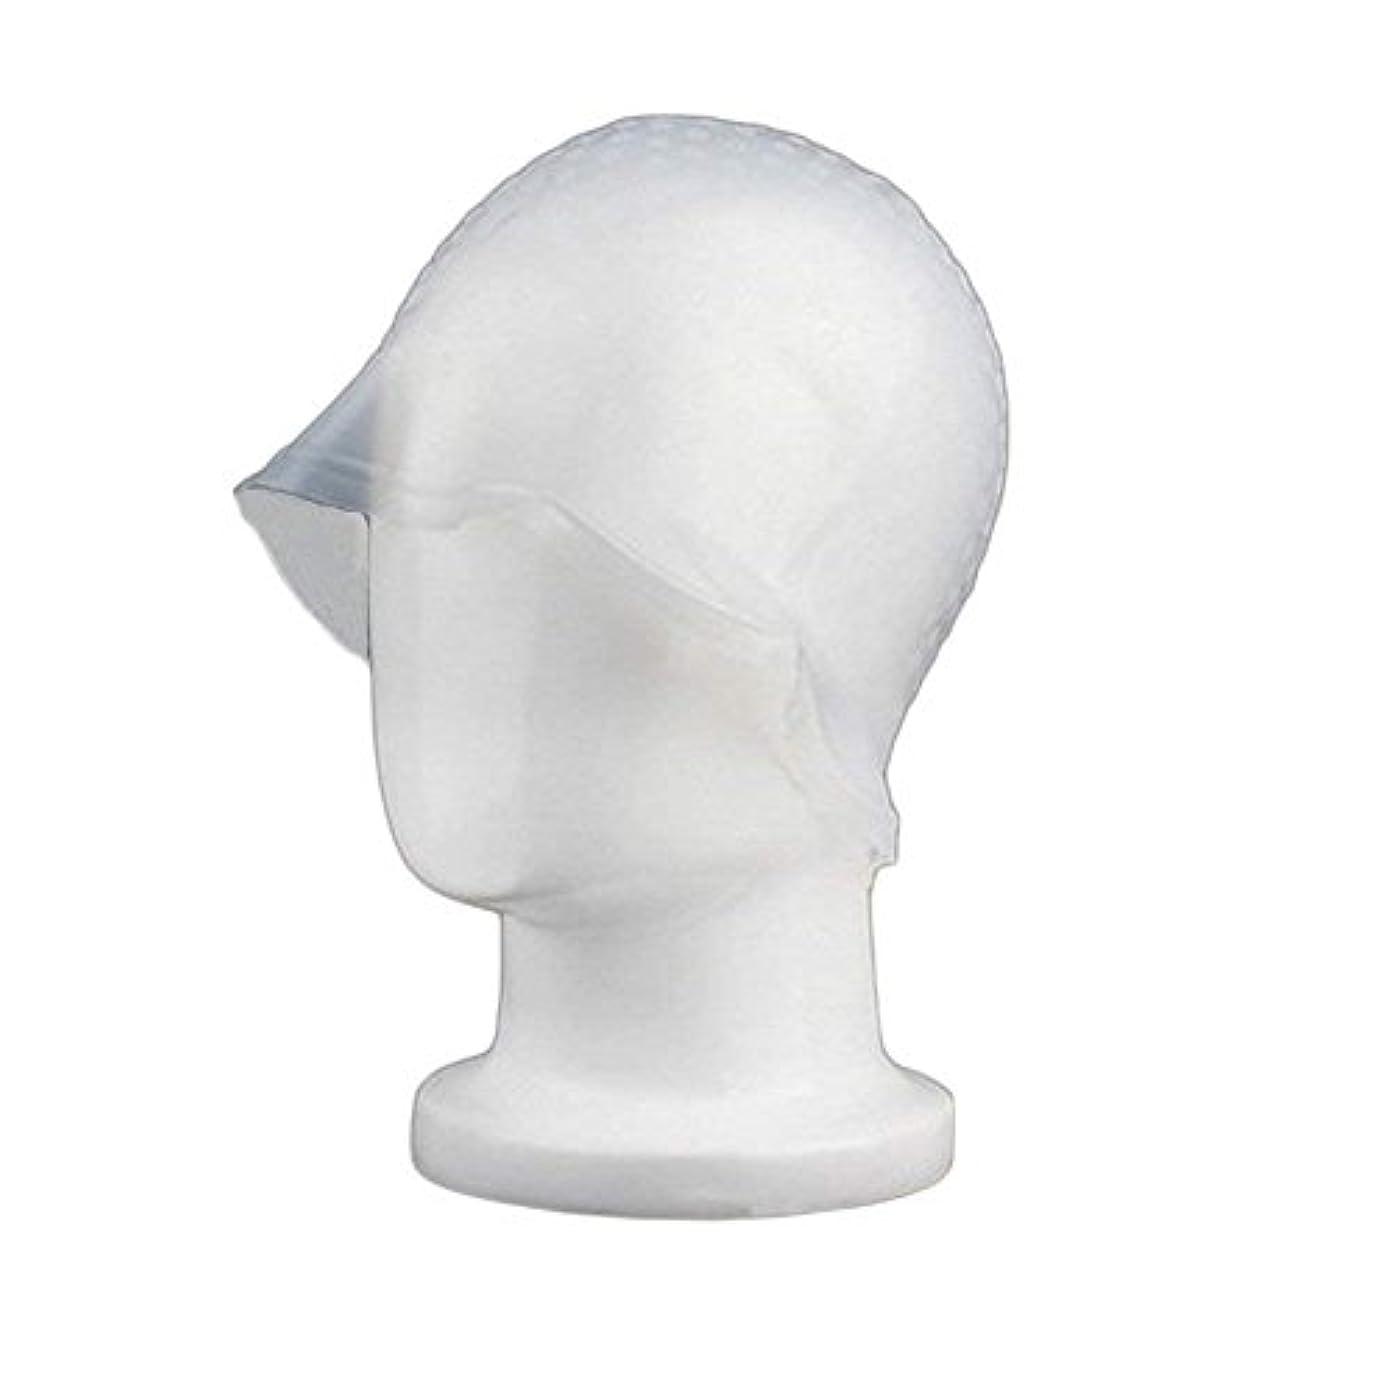 Sincerestore 洗って使える ヘアカラー 染め用 メッシュ 用 シリコン ヘア キャップキャップ (ホワイト)